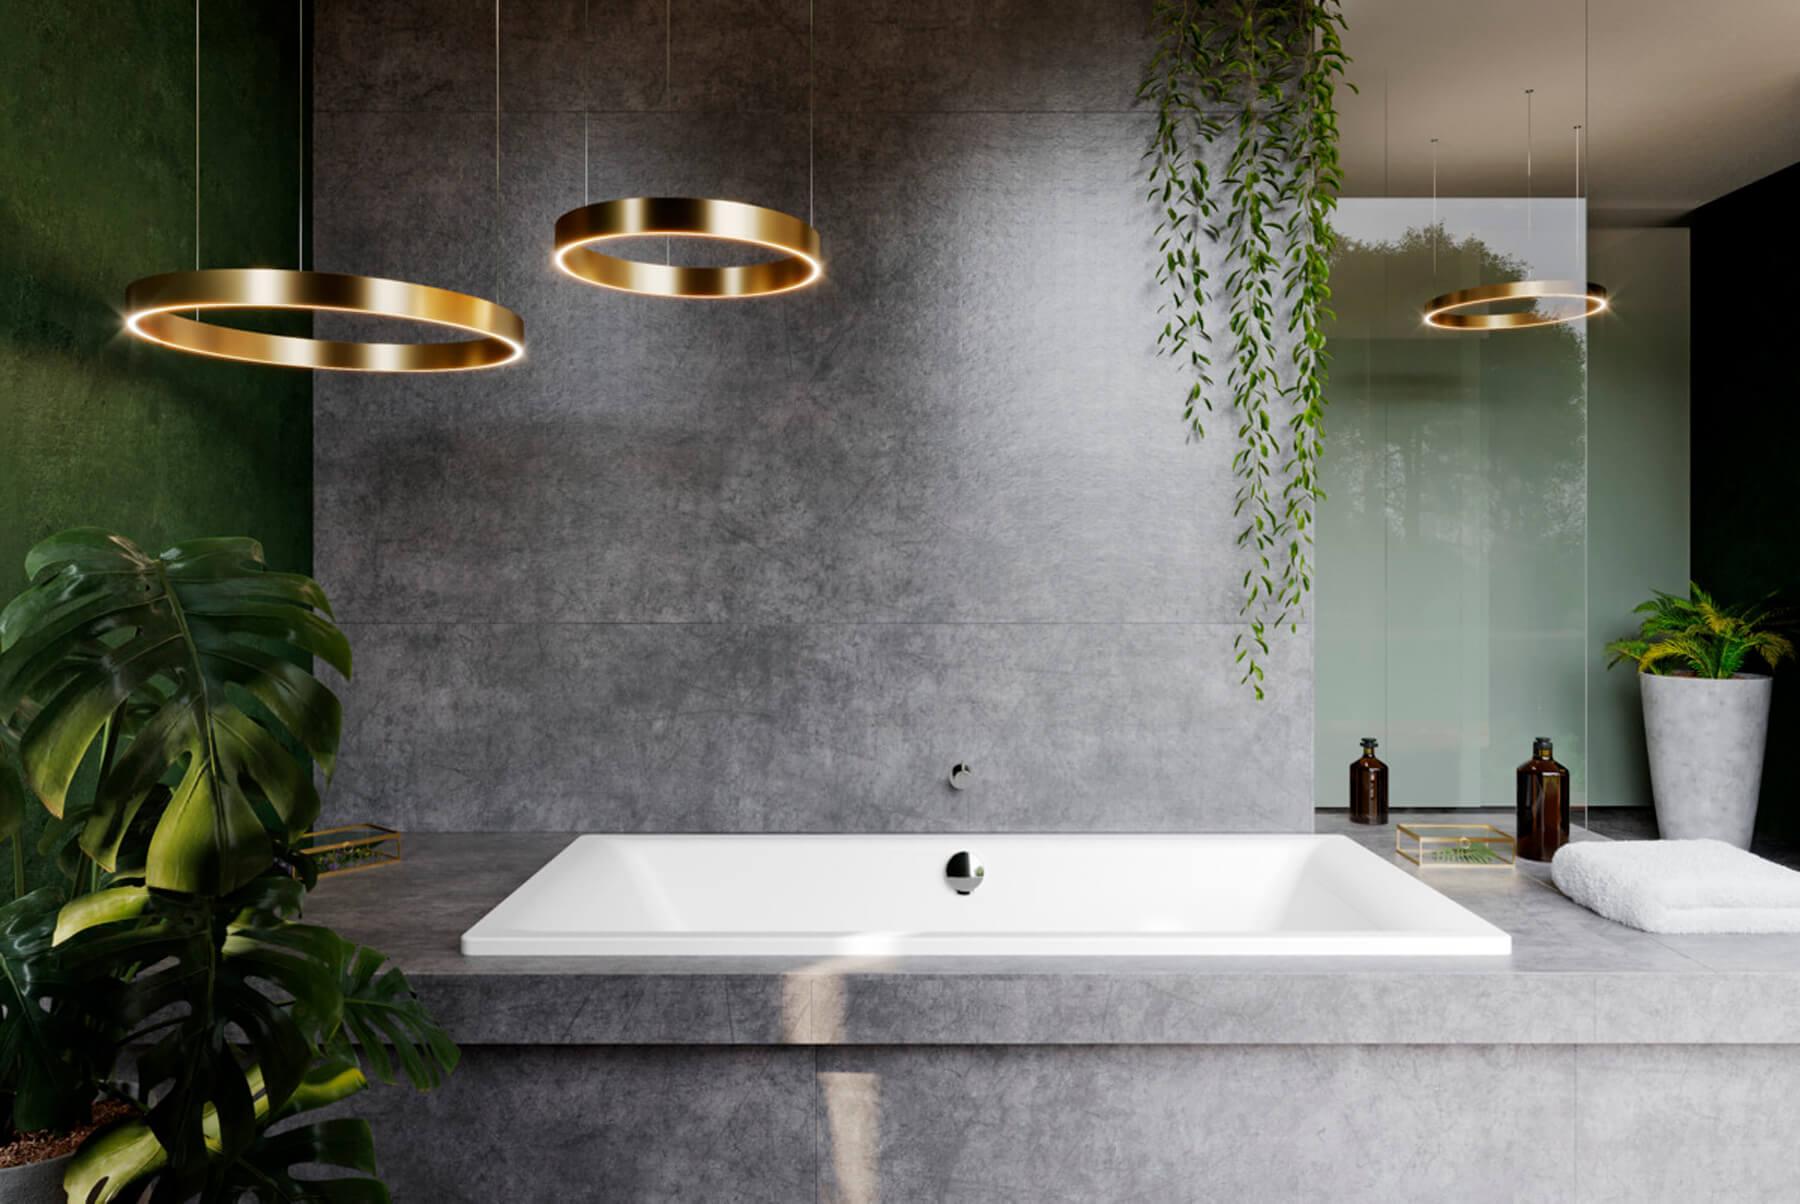 Bath-Tubs-Kaldewei-Puro-Duo-2-1800x1204